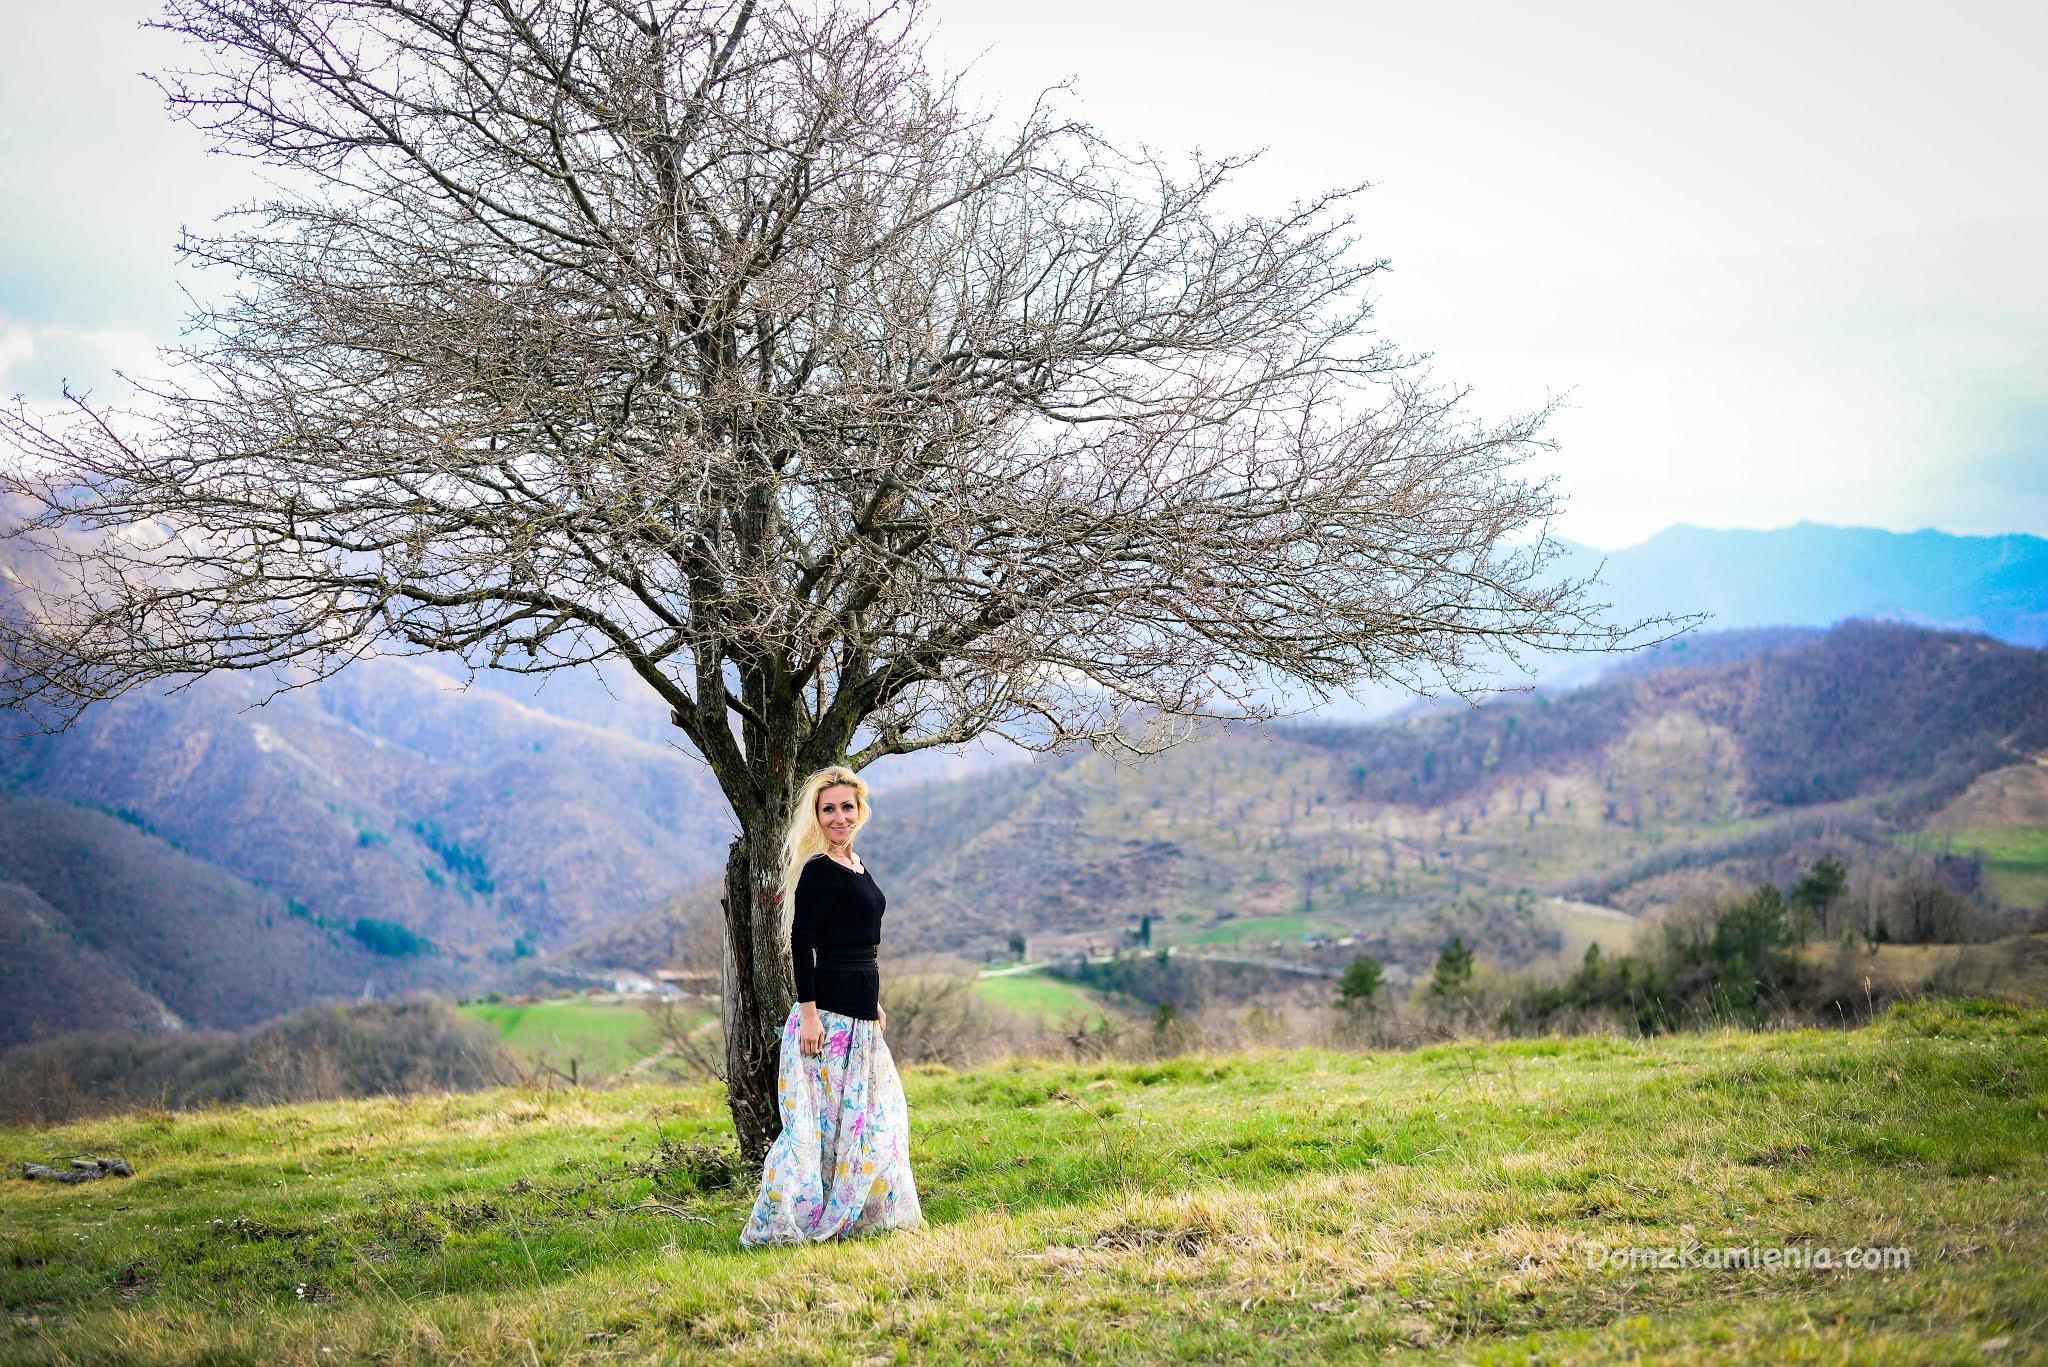 Kasia z Domu z Kamienia, blog o życiu Toskanii